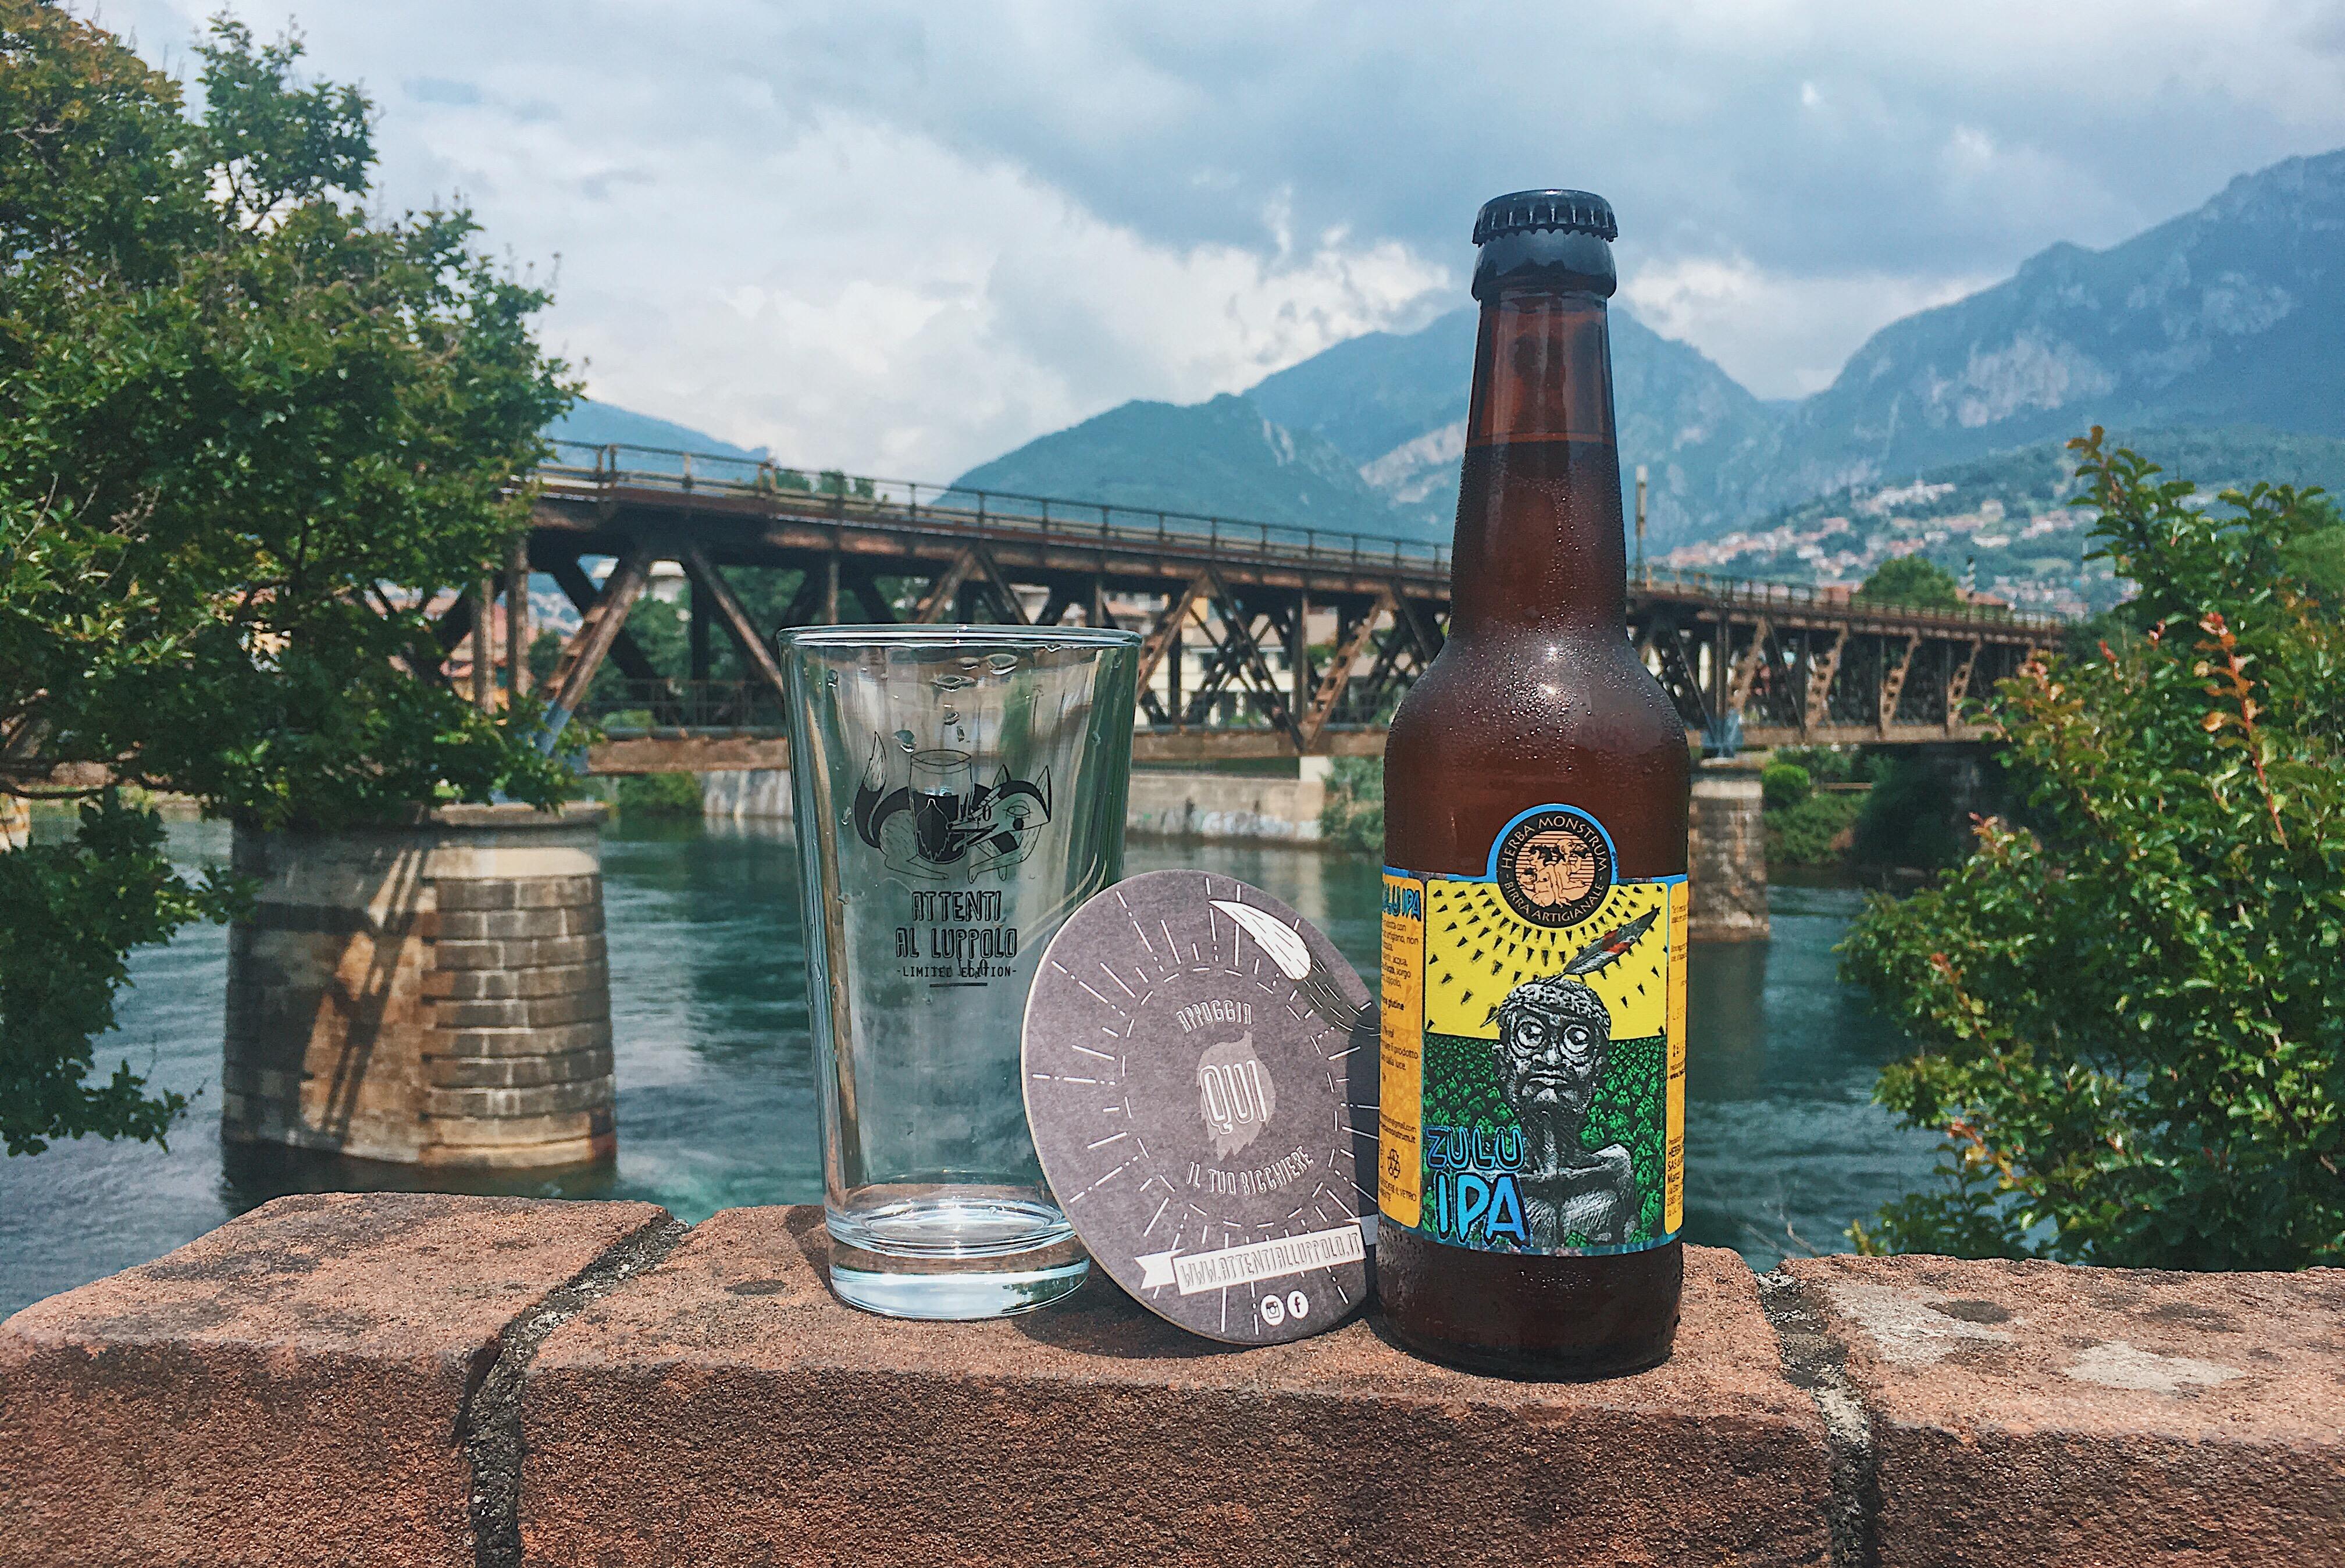 """""""Attenti al Luppolo"""" Zulu IPA Herba Monstrum Brewery, in via Ettore Monti, 29, 23851 in zona Ponte Azzone Visconti Lecco"""